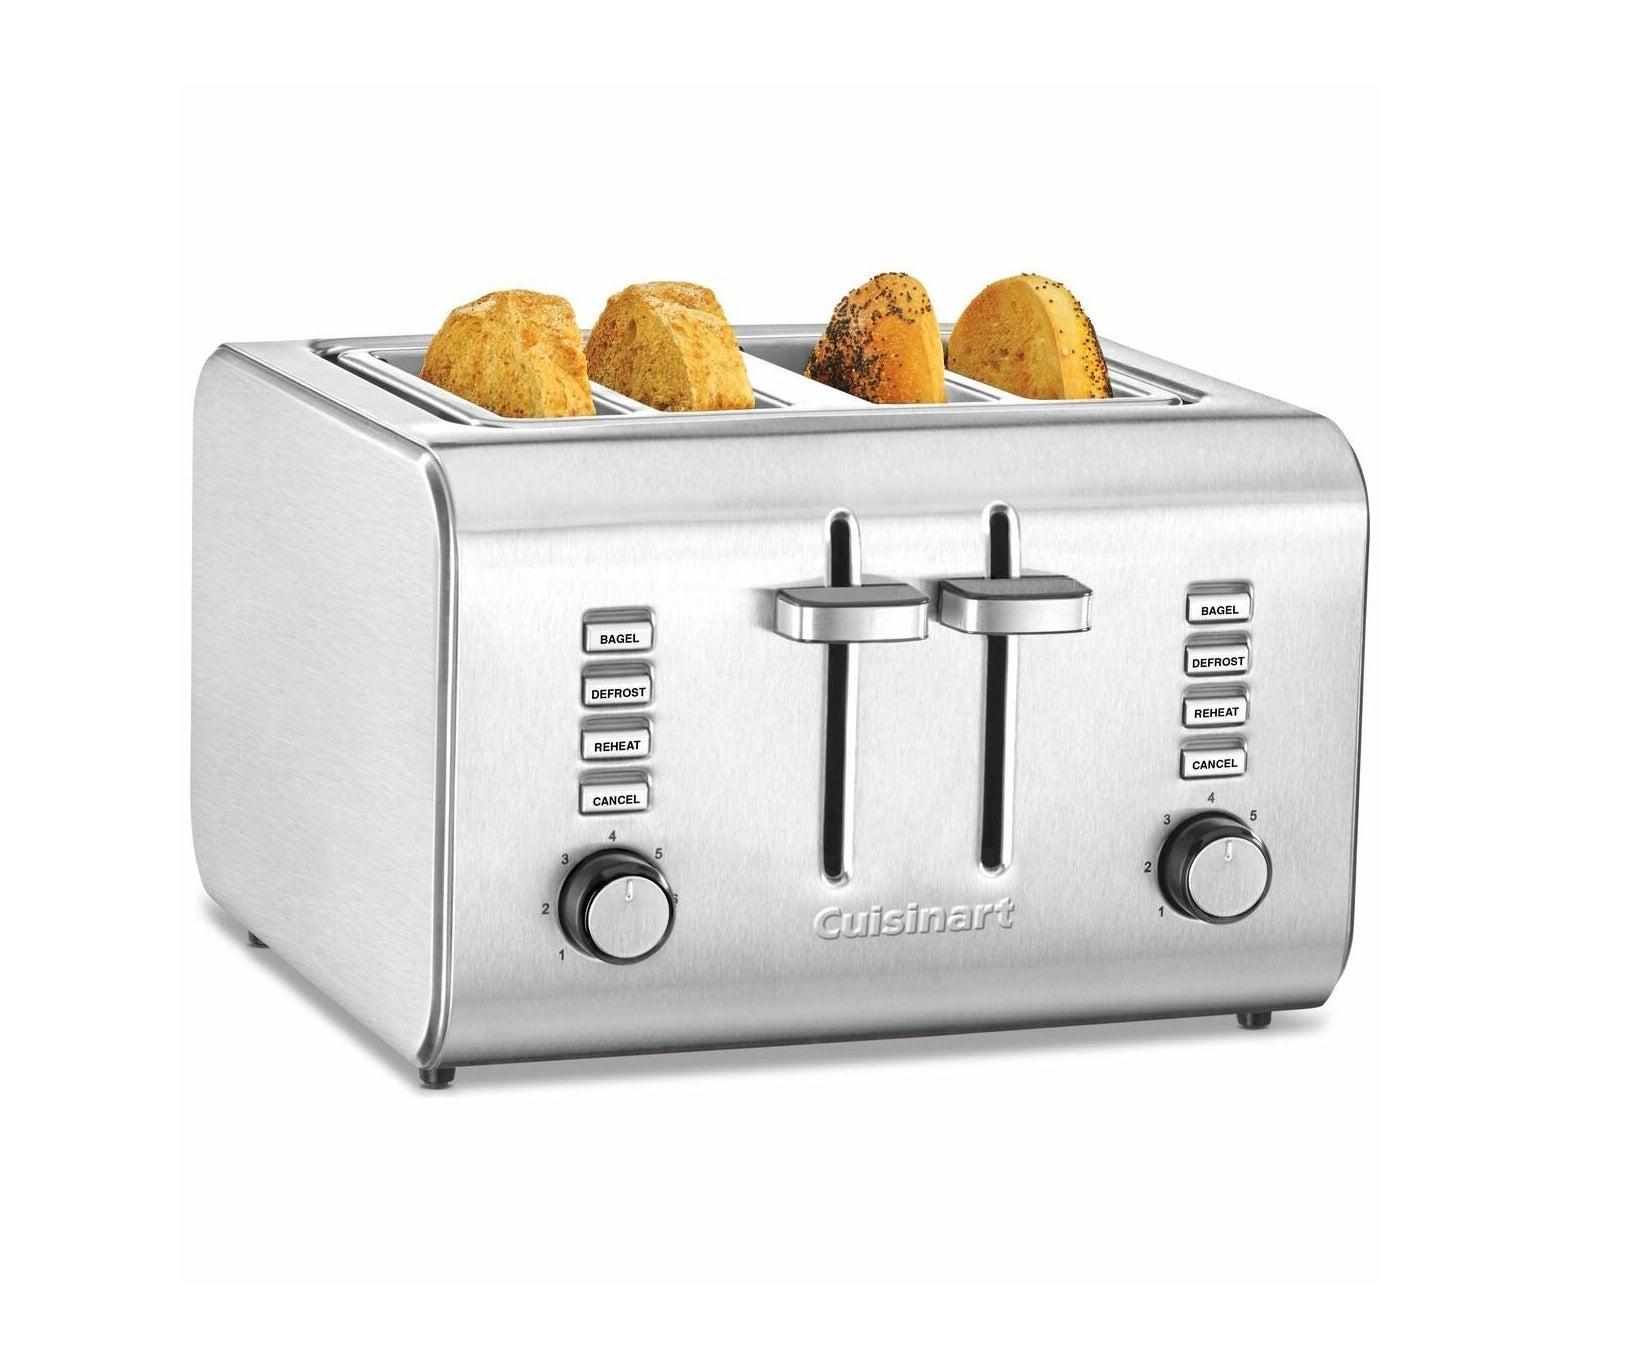 Cuisinart 46921 4 Slice Toaster